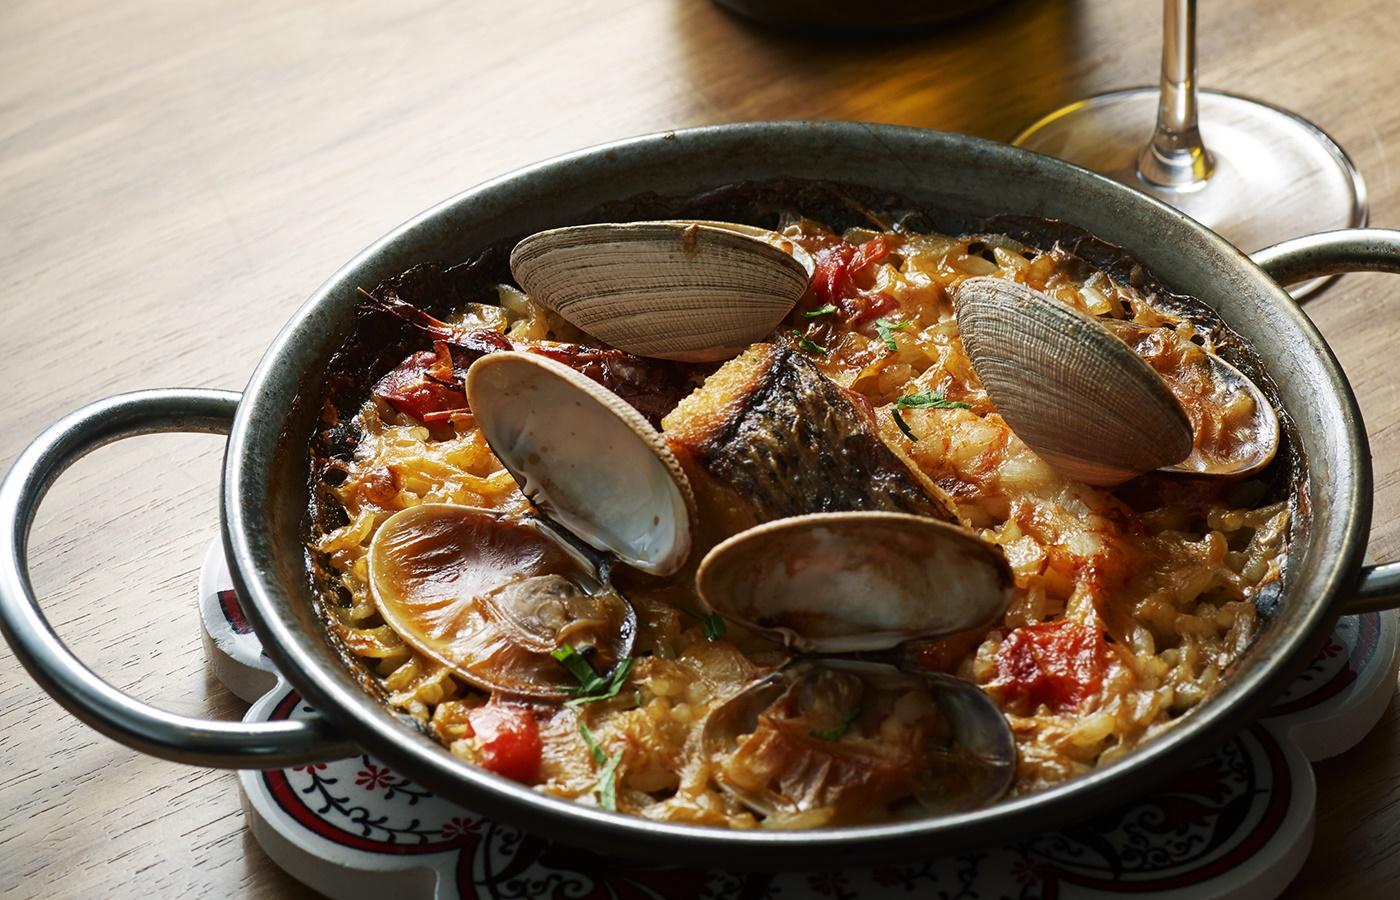 スペイン各地の郷土料理を楽しめる、四間道のスパニッシュ「コメドールキト」